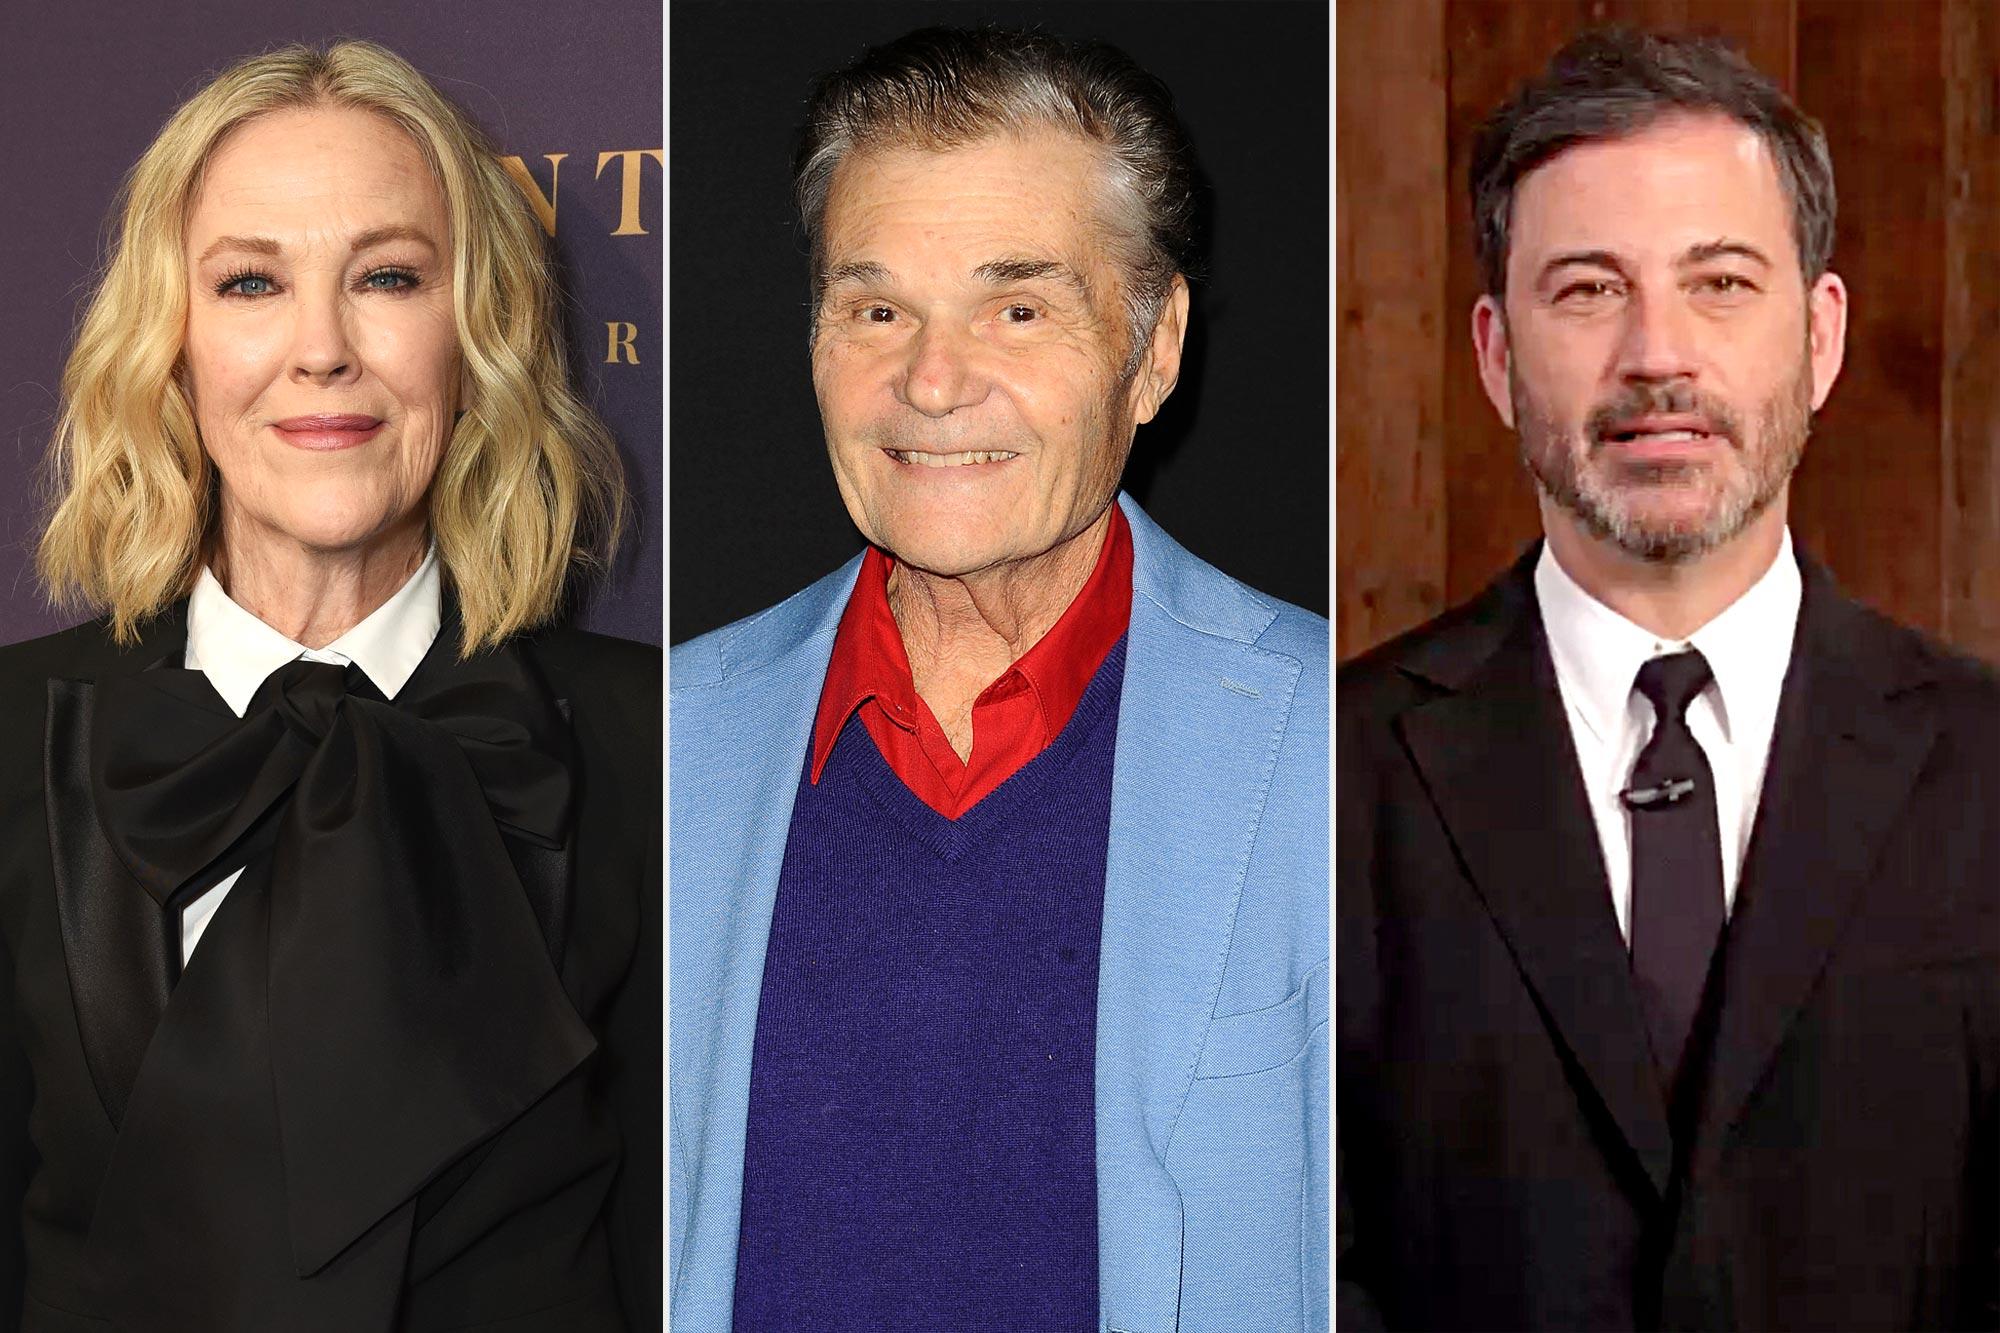 Catherine O'Hara, Fred Willard, and Jimmy Kimmel